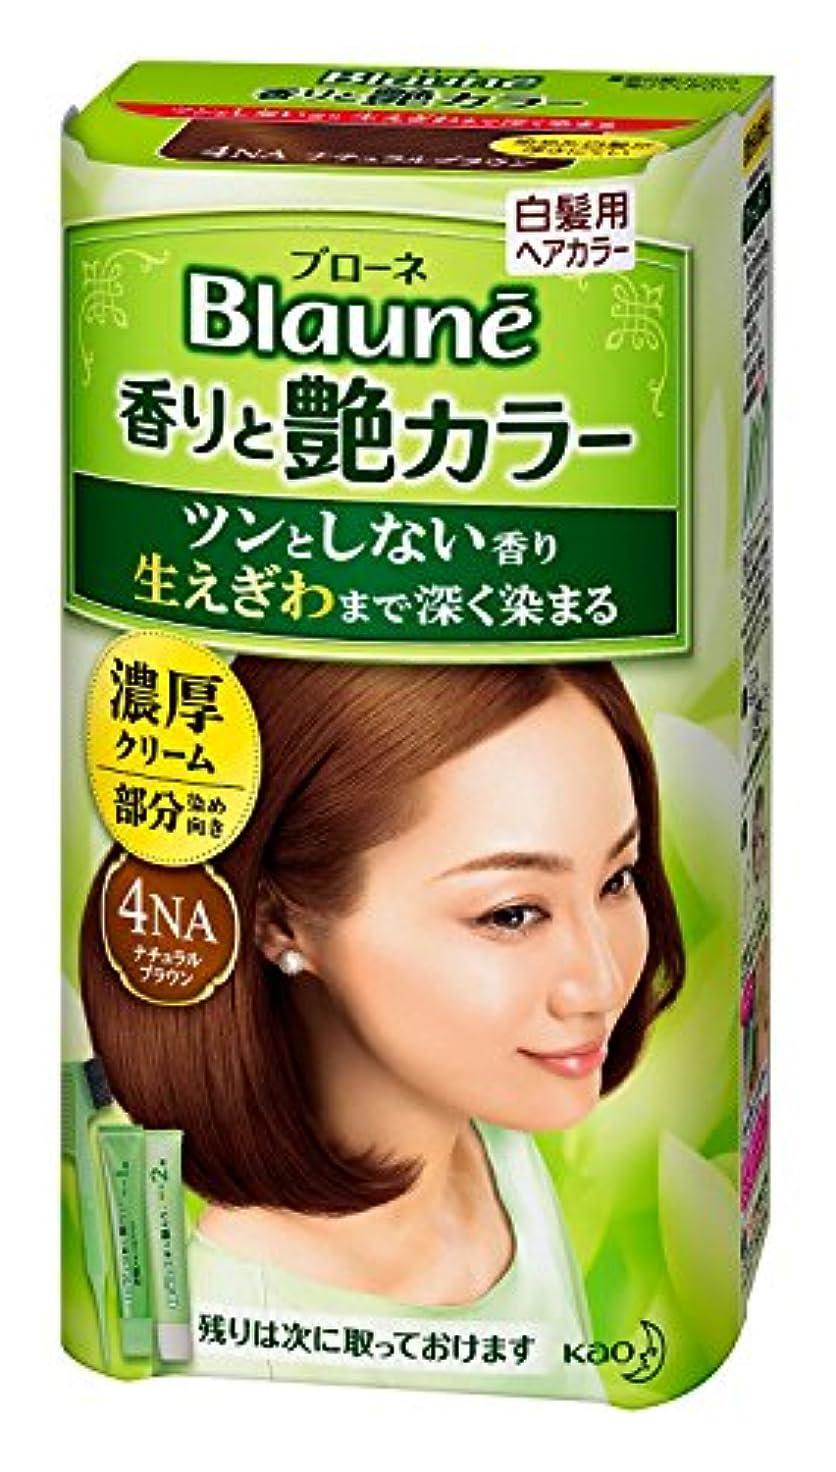 レインコートキャンディー悪意のある【花王】ブローネ 香りと艶カラー クリーム 4NA:ナチュラルブラウン 80g ×10個セット